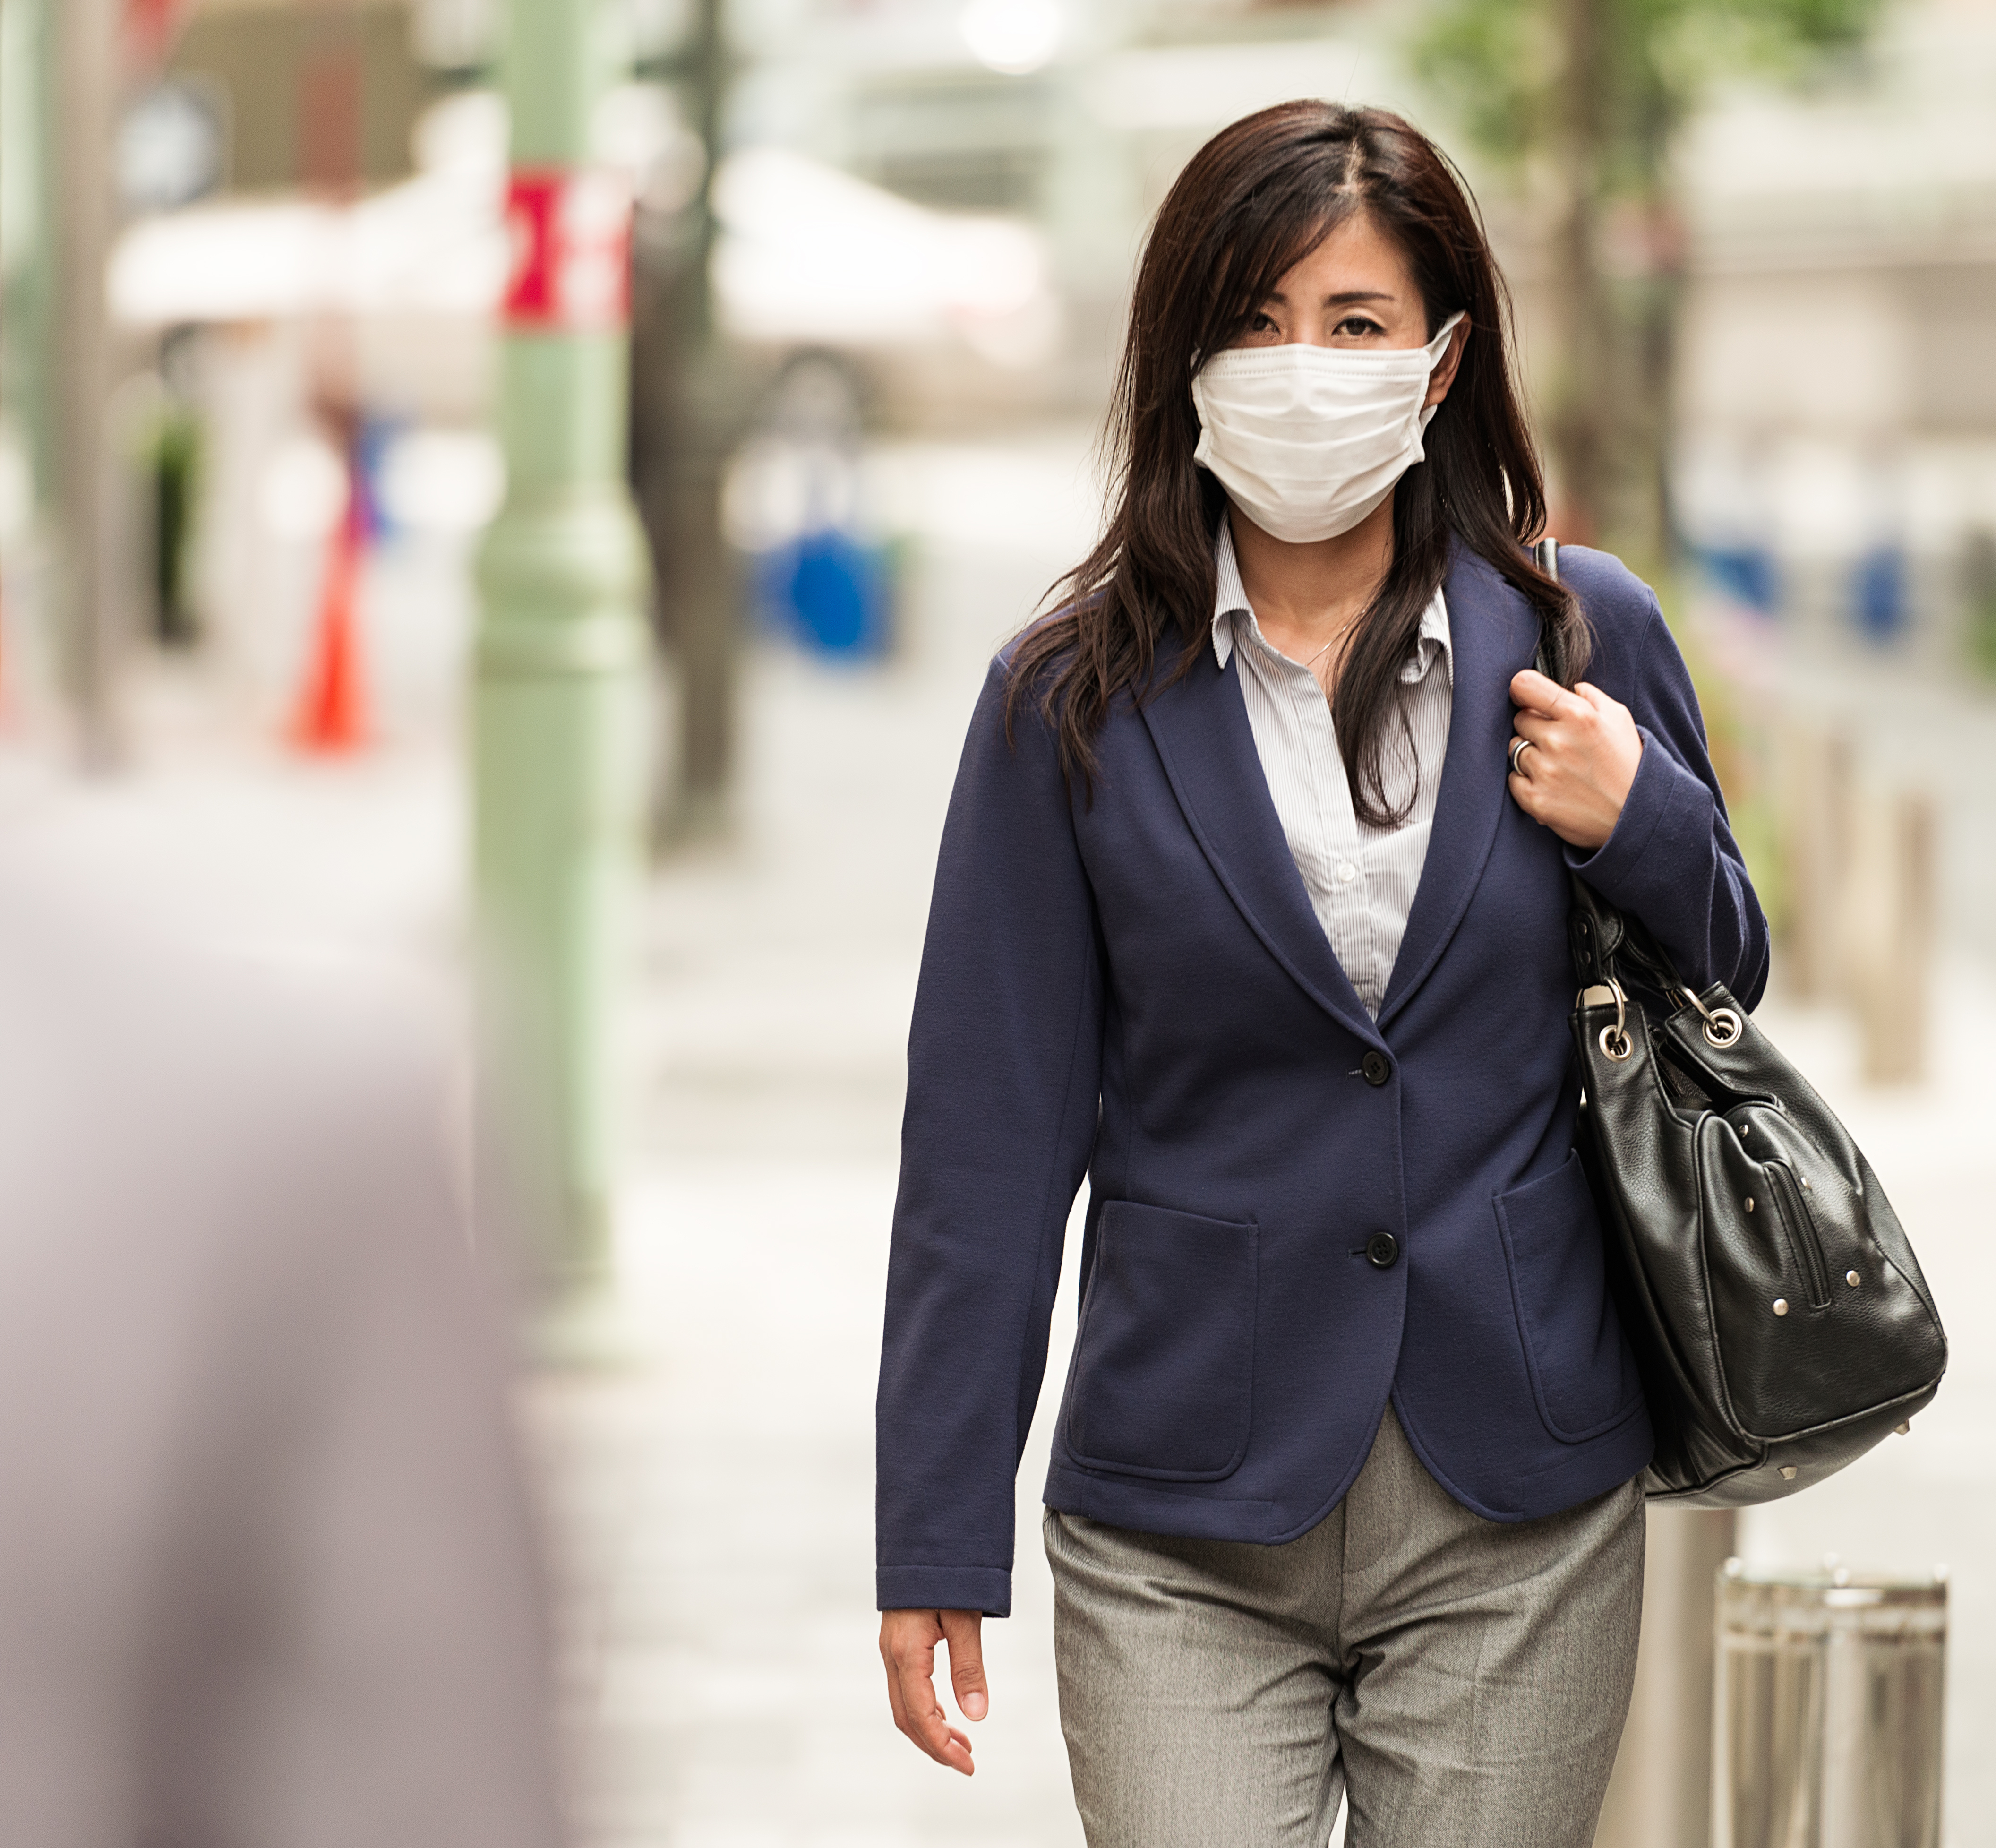 Thumbnail voor Acne, eczeem en huidveroudering: dit zijn de gevolgen van luchtvervuiling voor je huid